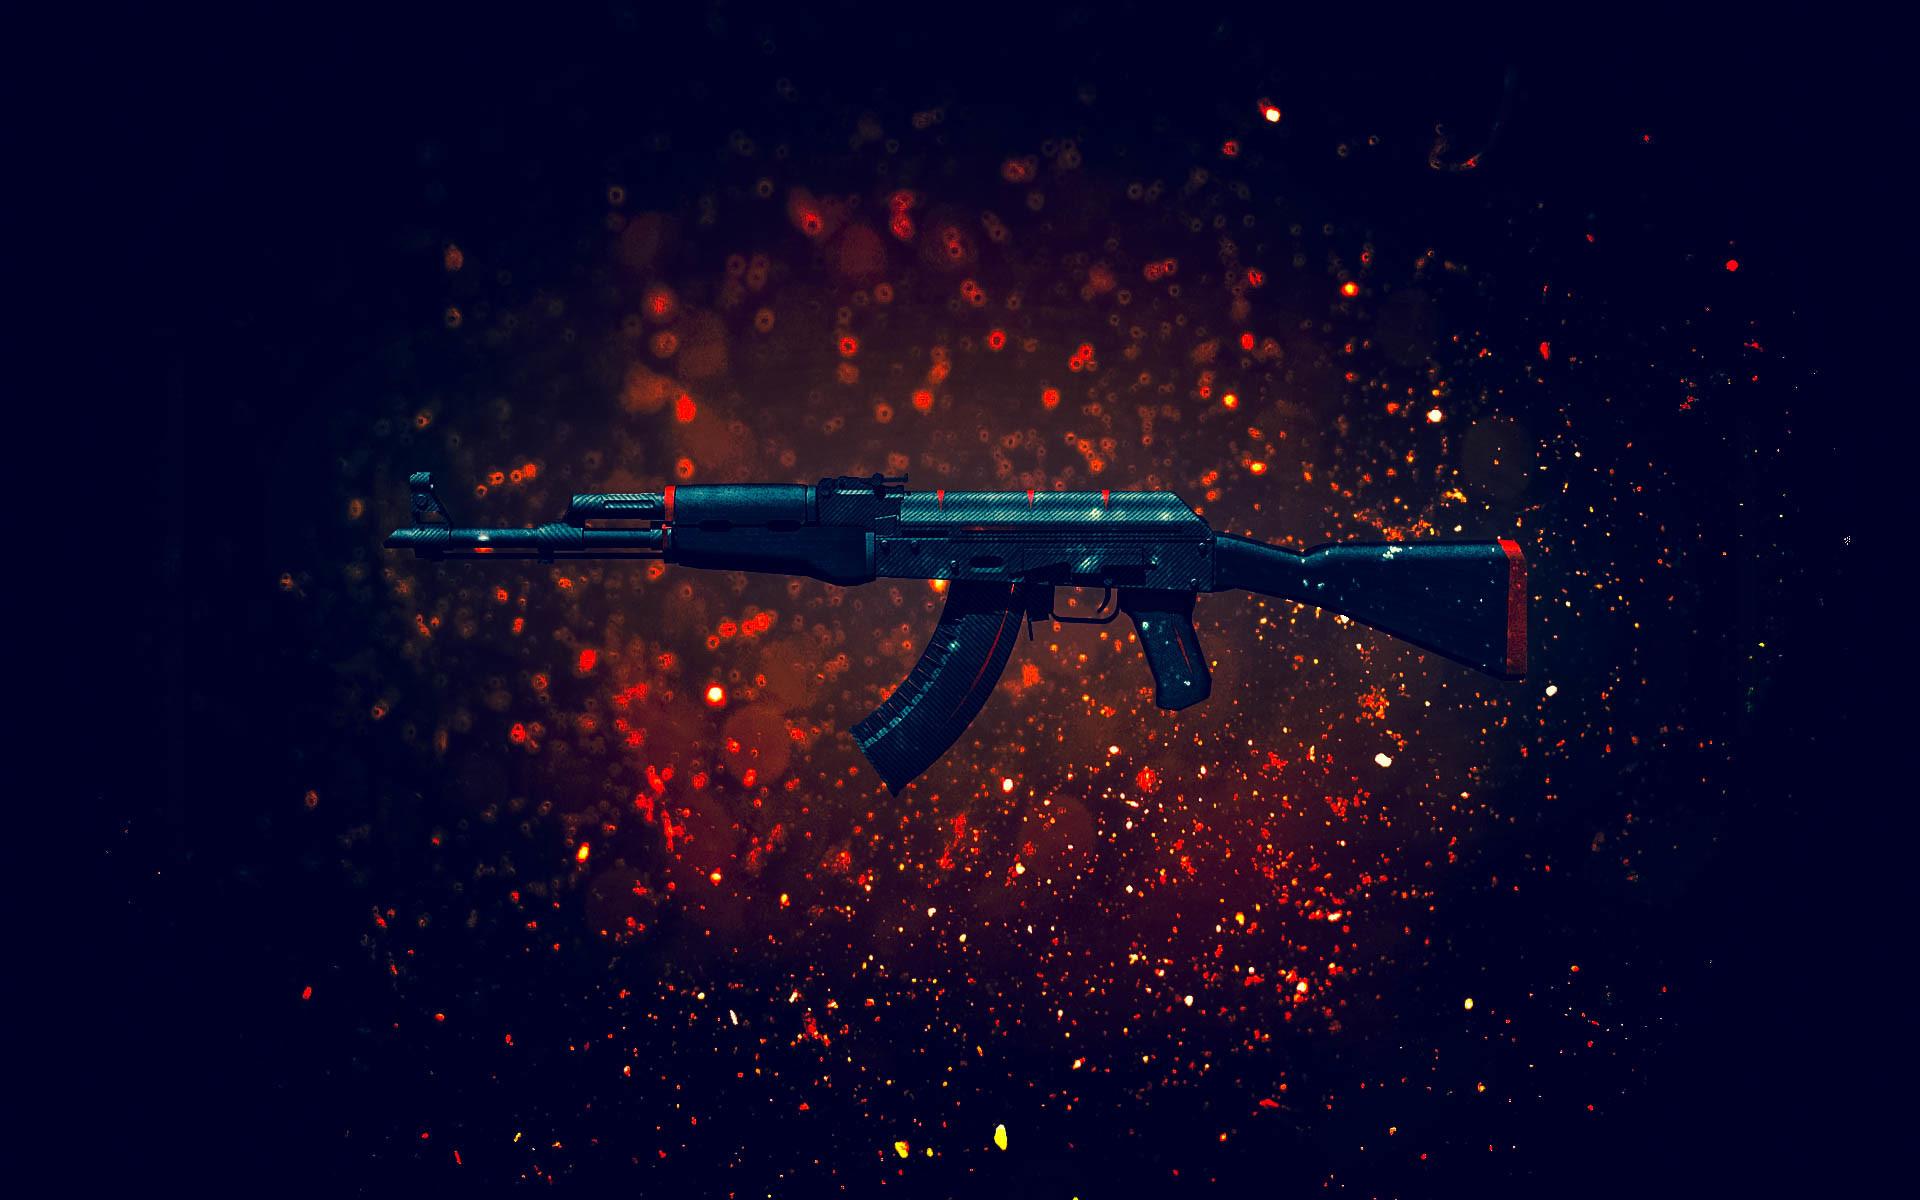 1920x1200, Cs - Counter Strike Global Offensive - HD Wallpaper